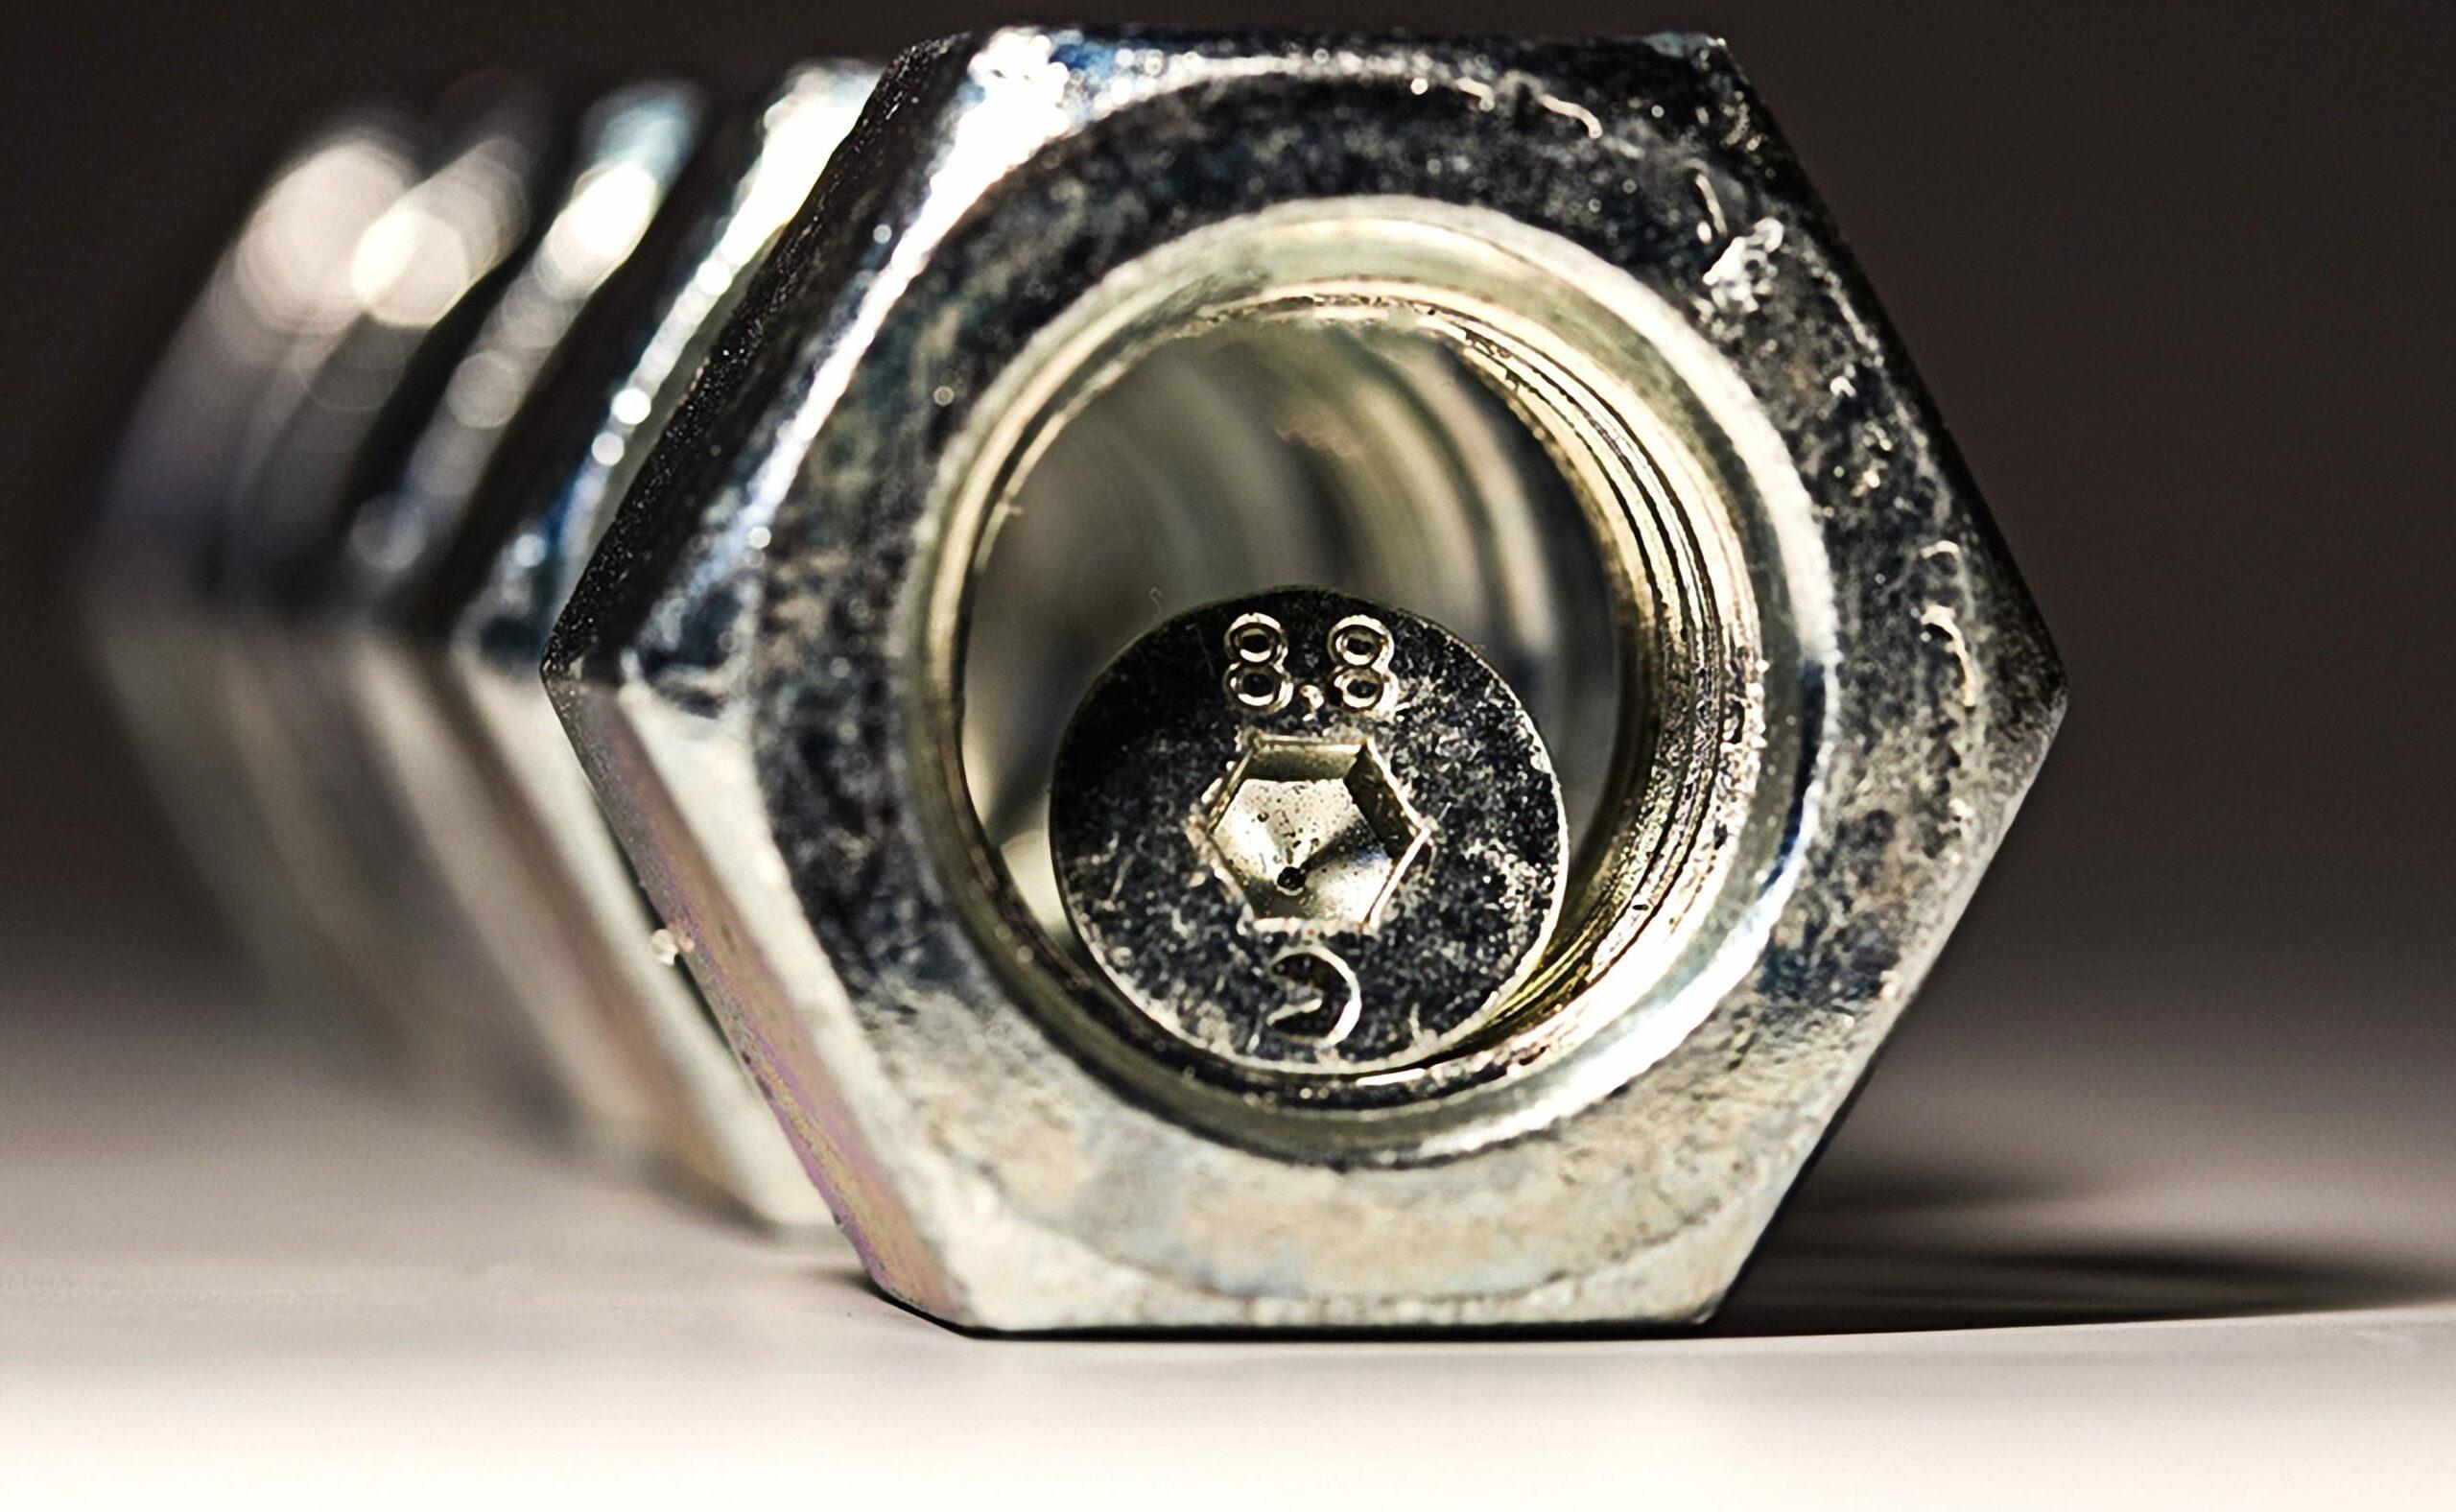 安賽樂米塔爾,蒂森克虜伯等:清理鋼鐵業的競賽